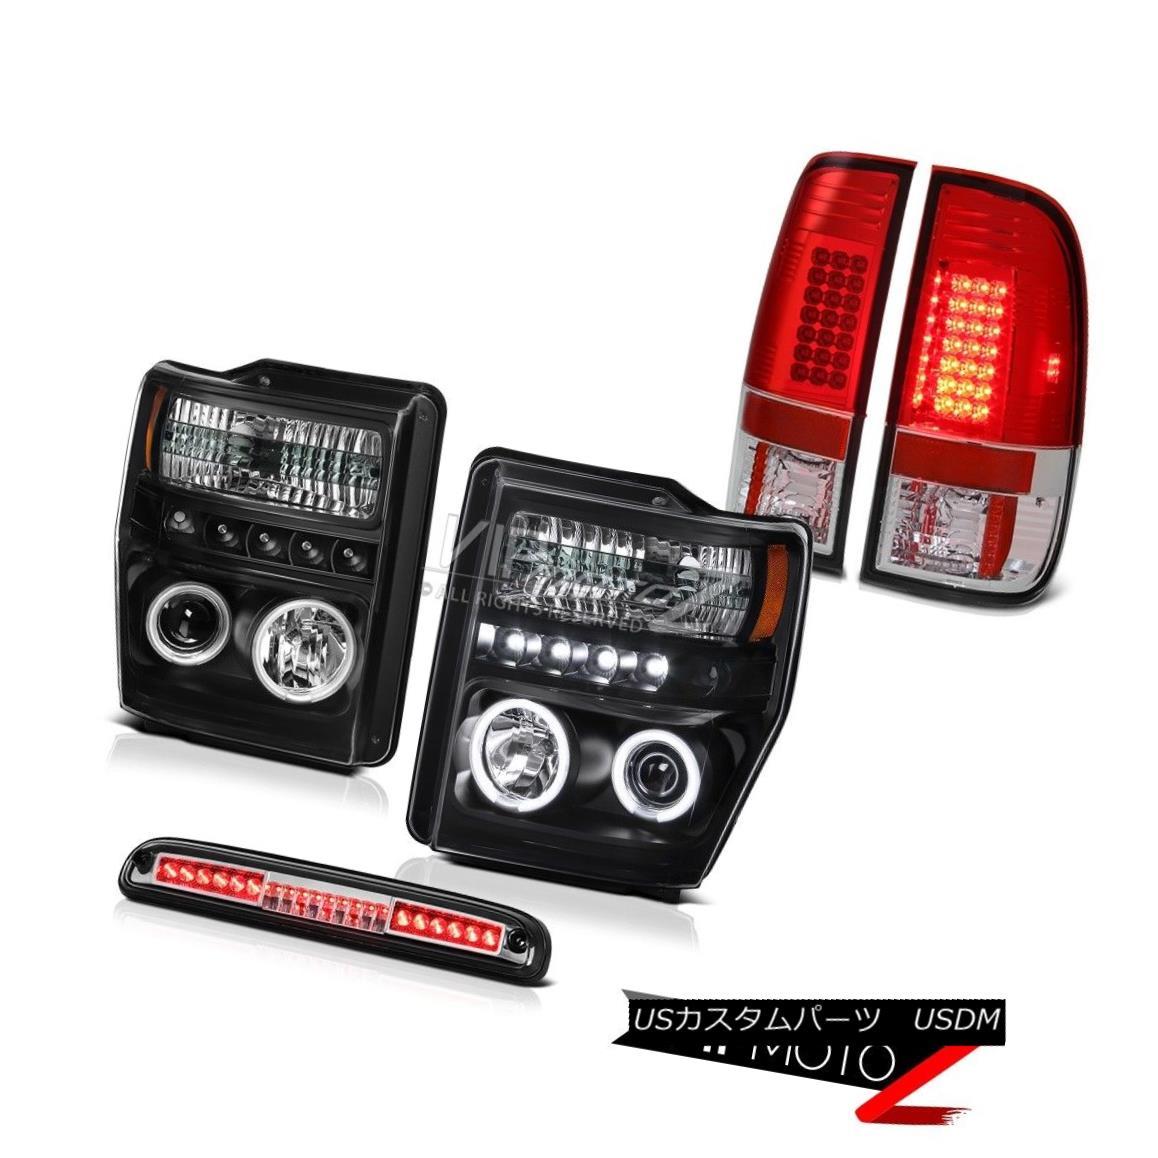 ヘッドライト Black CCFL Ring Headlights Chrome 3rd Brake LED Taillamps 2008 2009 2010 F250 XL ブラックCCFLリングヘッドライトChrome 3rd Brake LED Taillamps 2008 2009 2010 F250 XL